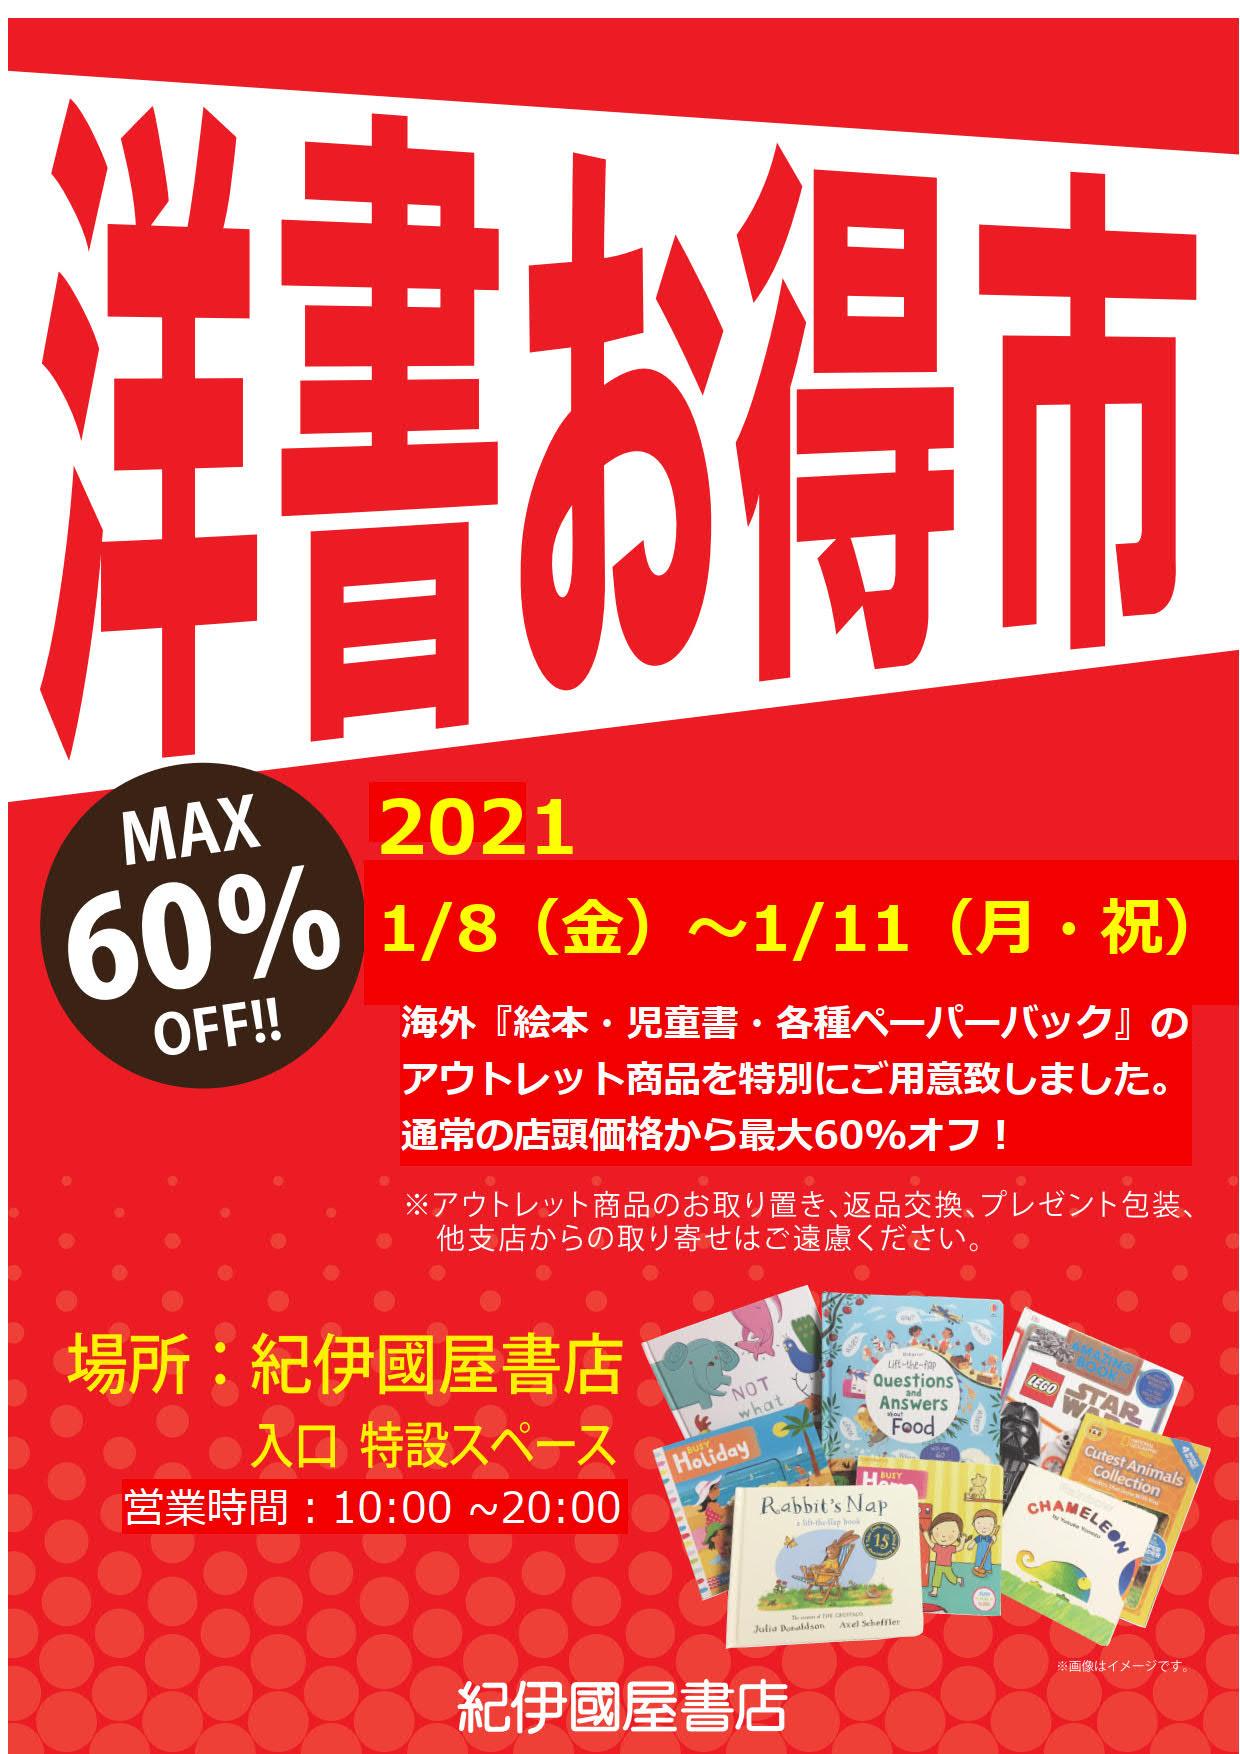 紀伊國屋書店:洋書お得市 2021/1/8-1/11 開催します!